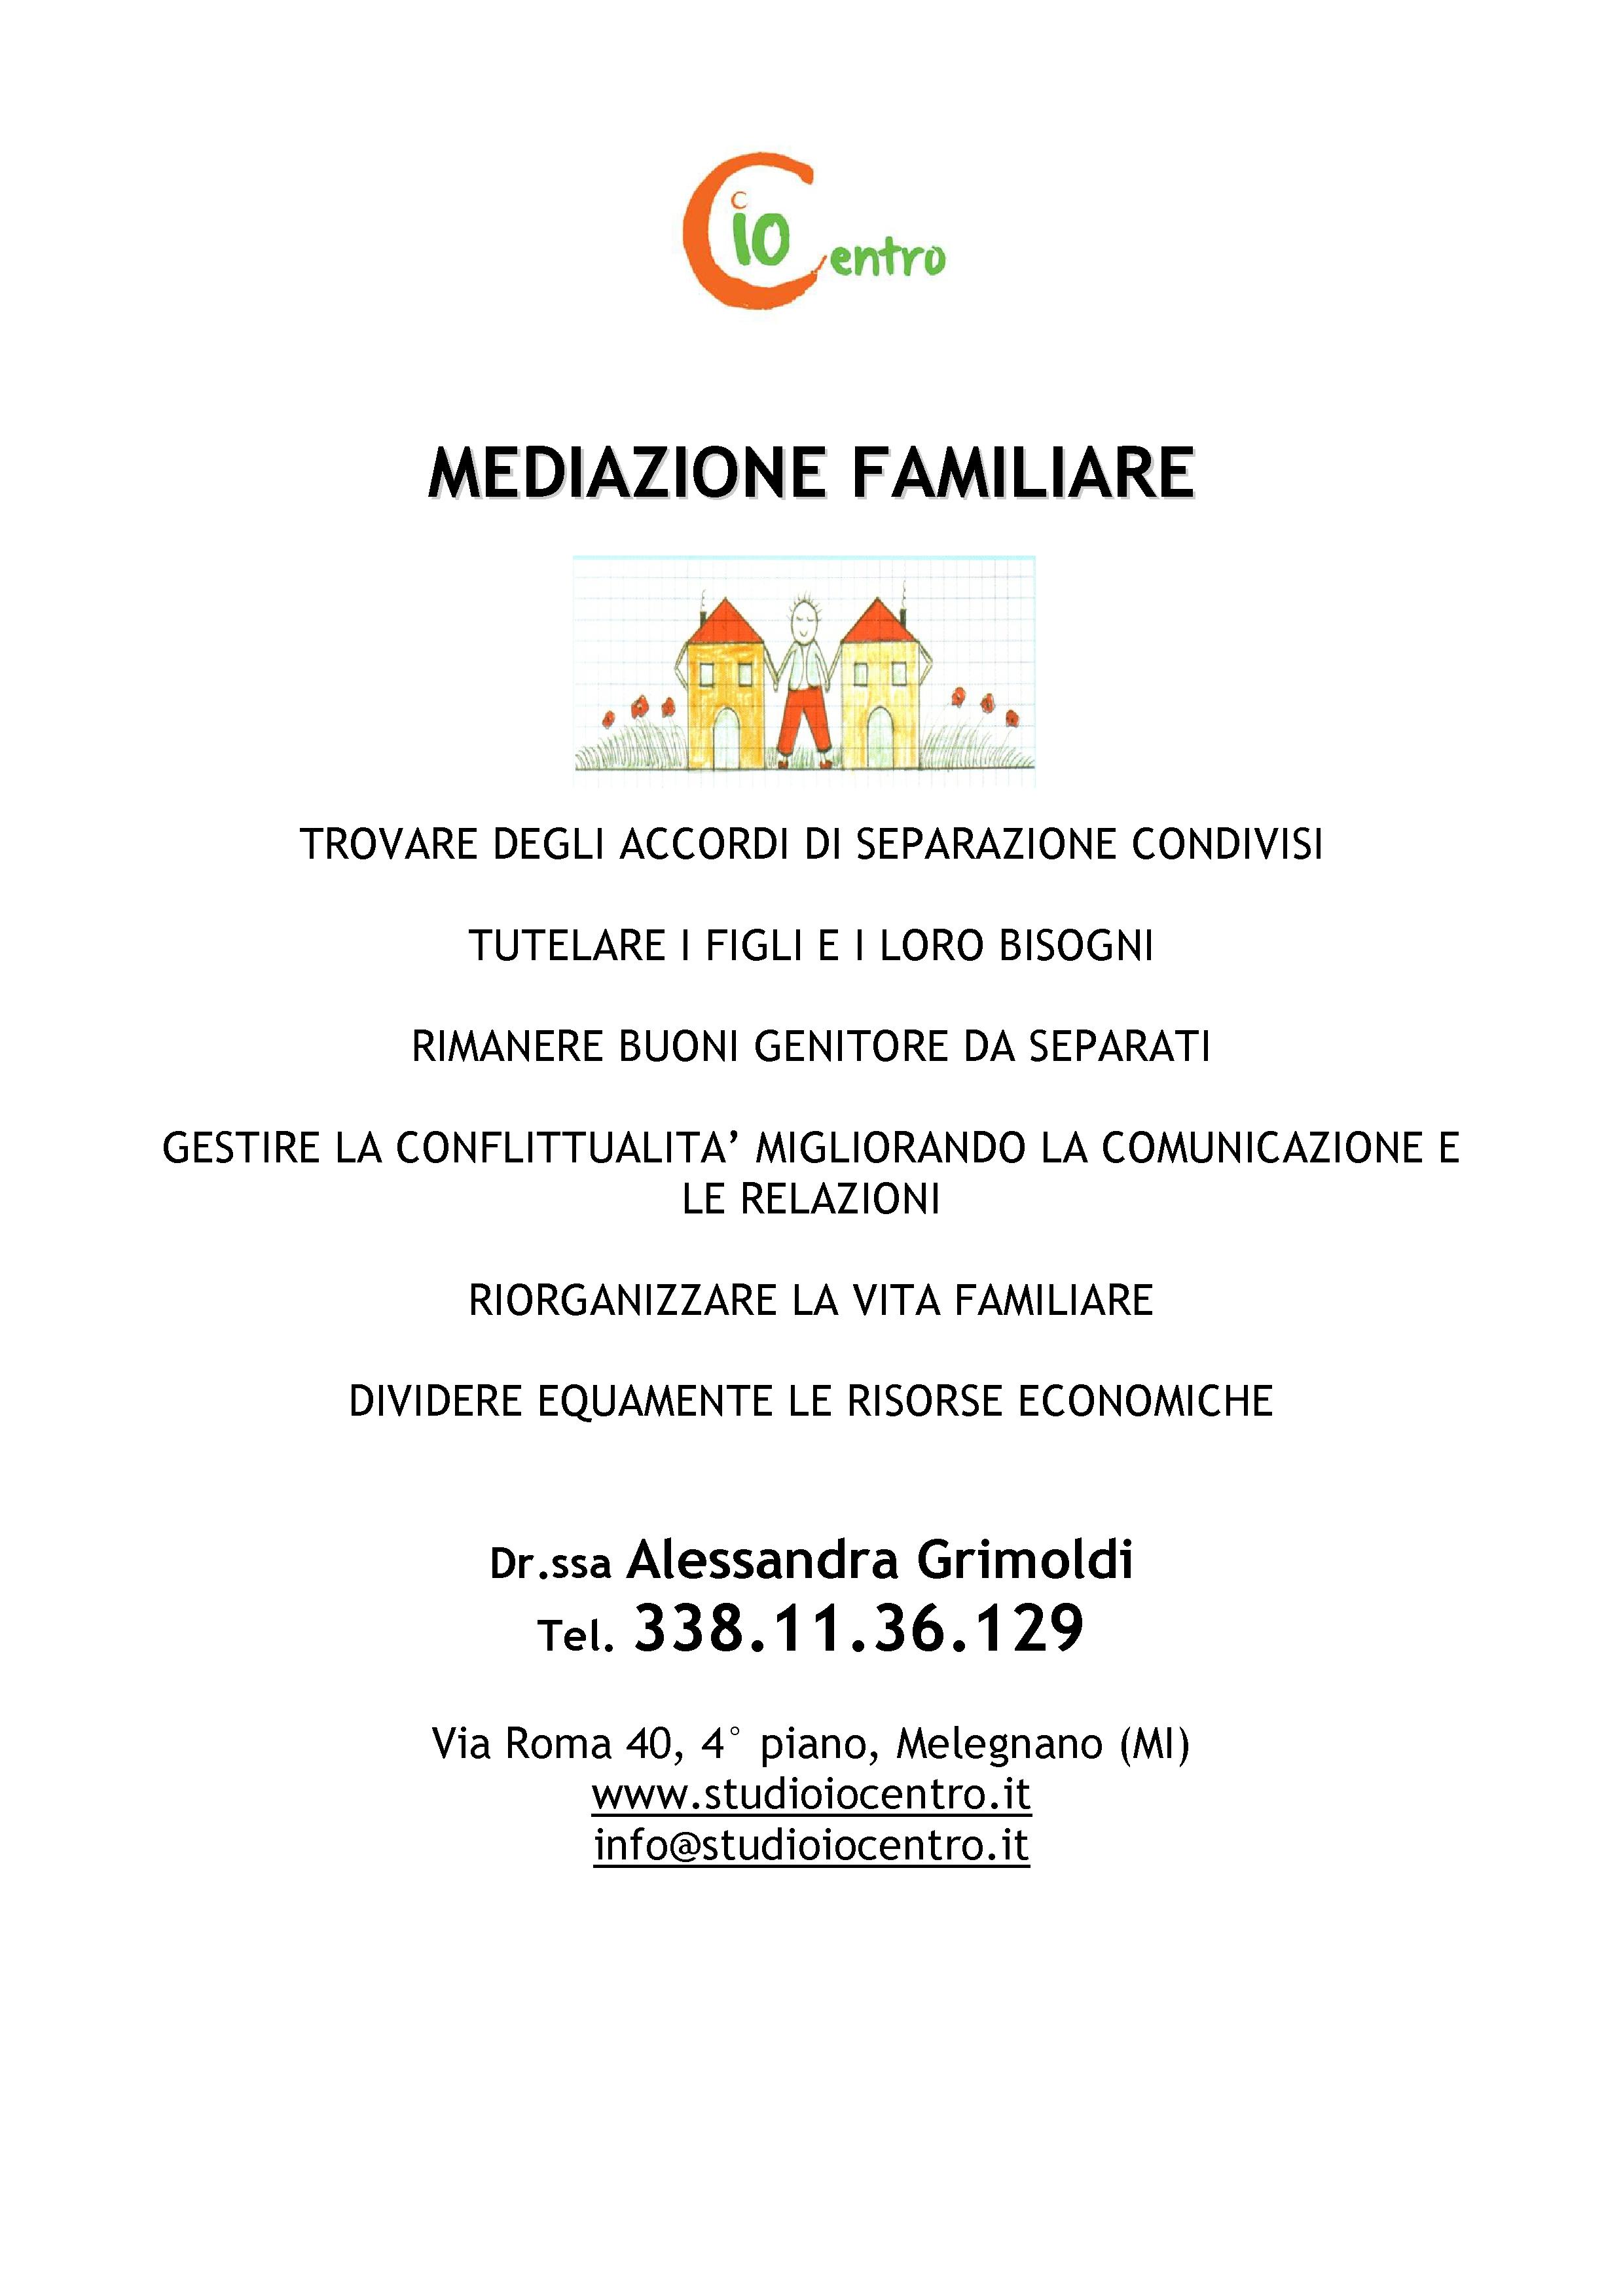 centro mediazione